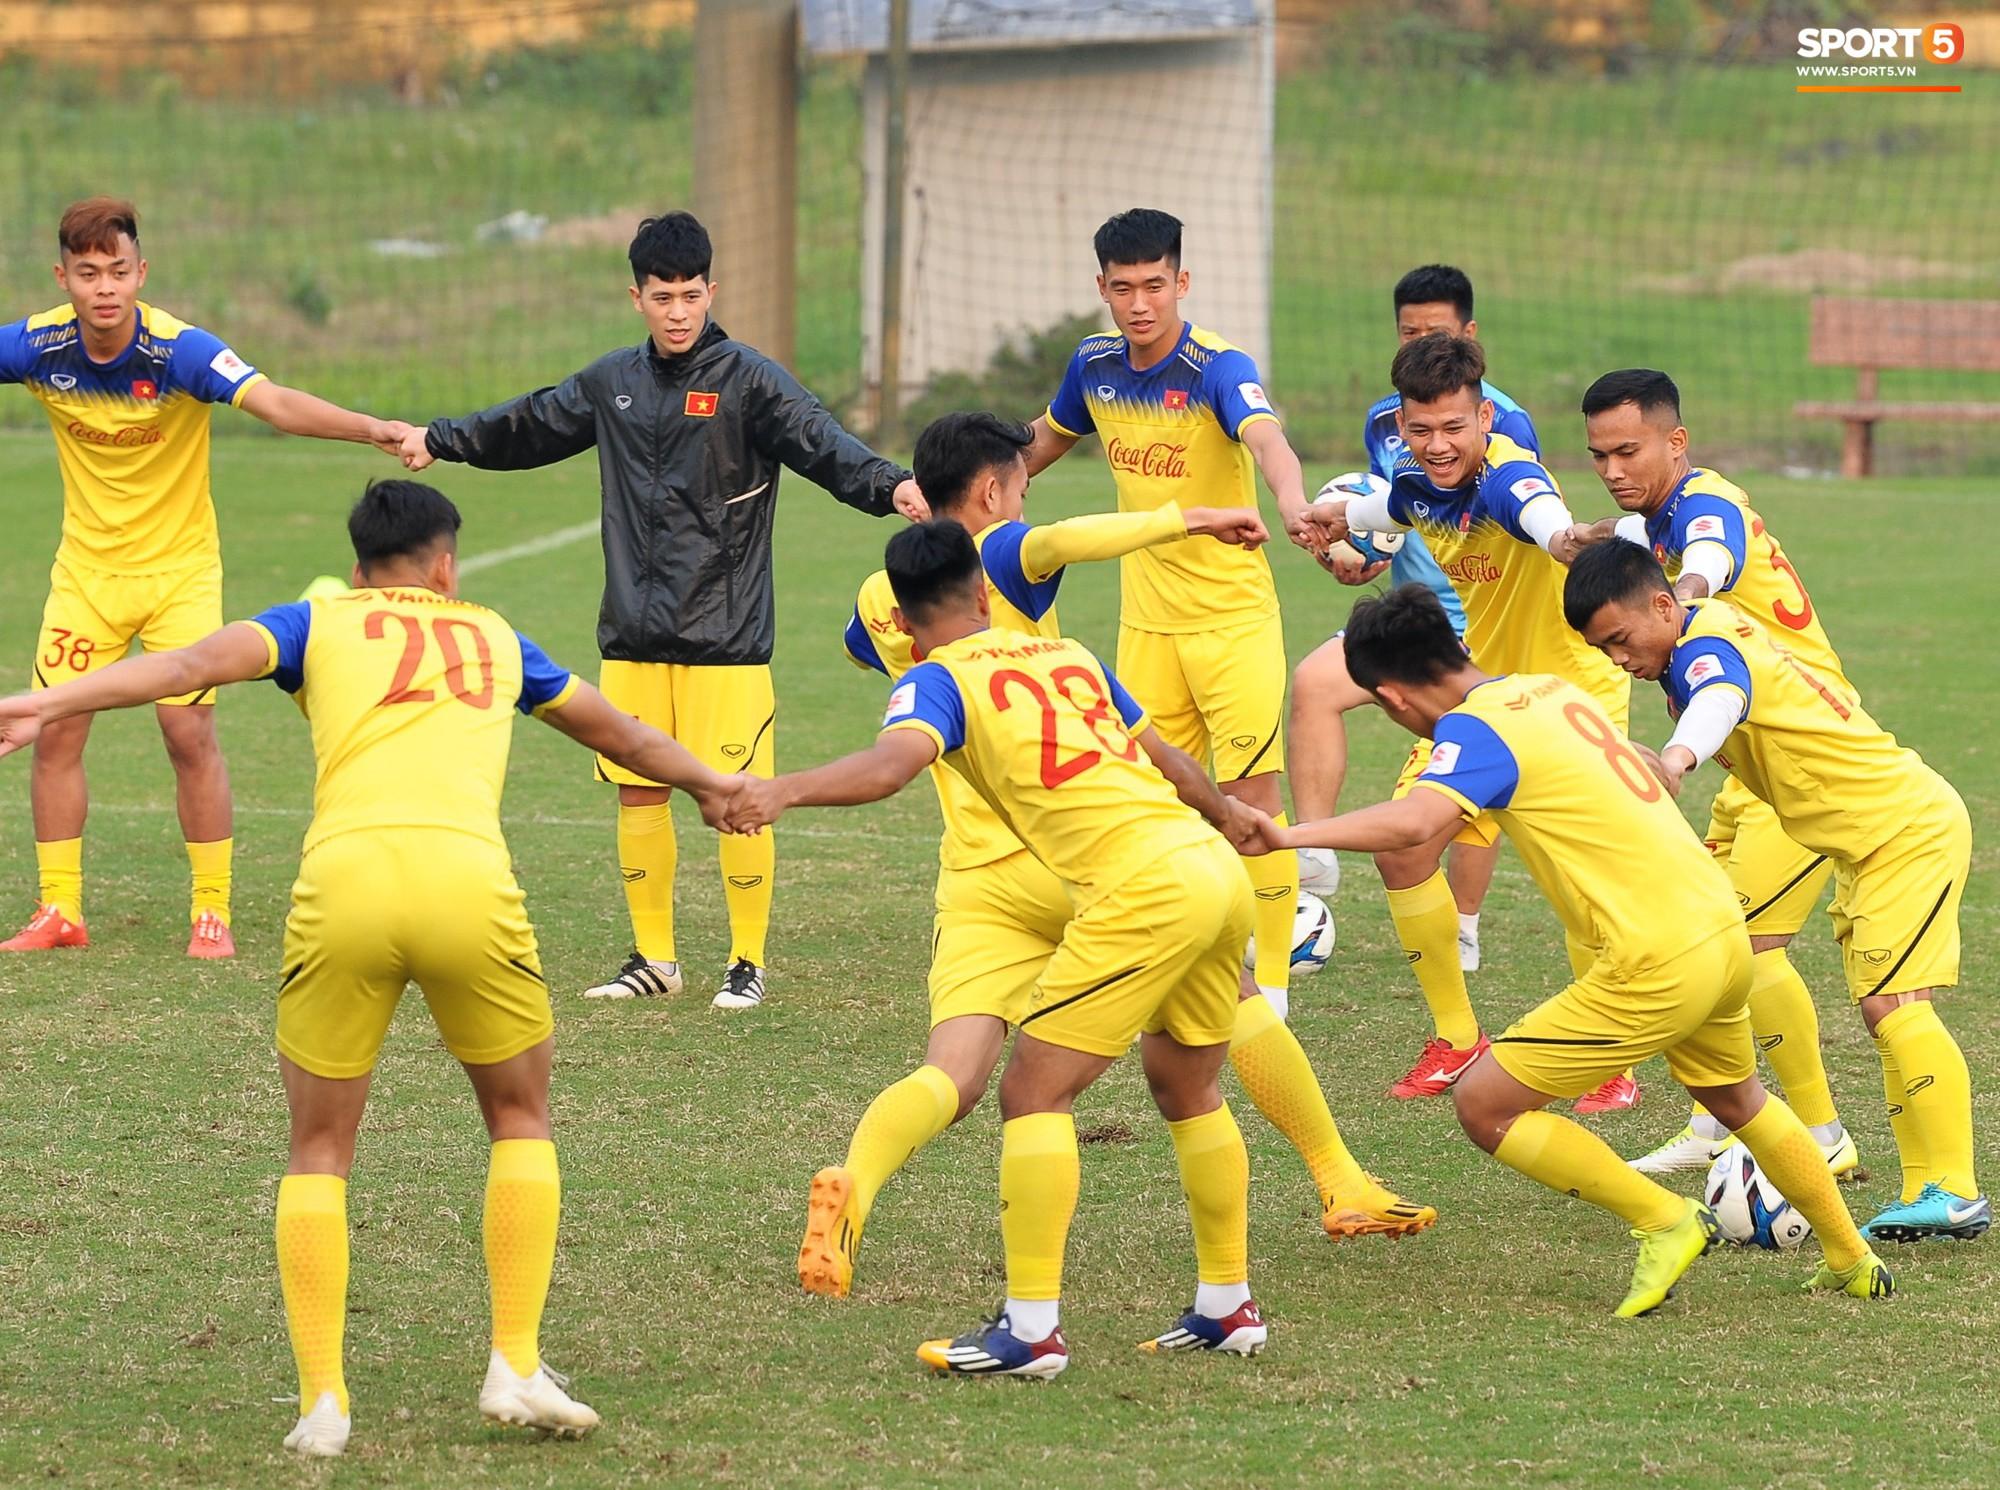 Đá ma mà cũng nắm chặt tay nhau thế này, bảo sao tuyển U23 Việt Nam luôn đoàn kết - Ảnh 3.